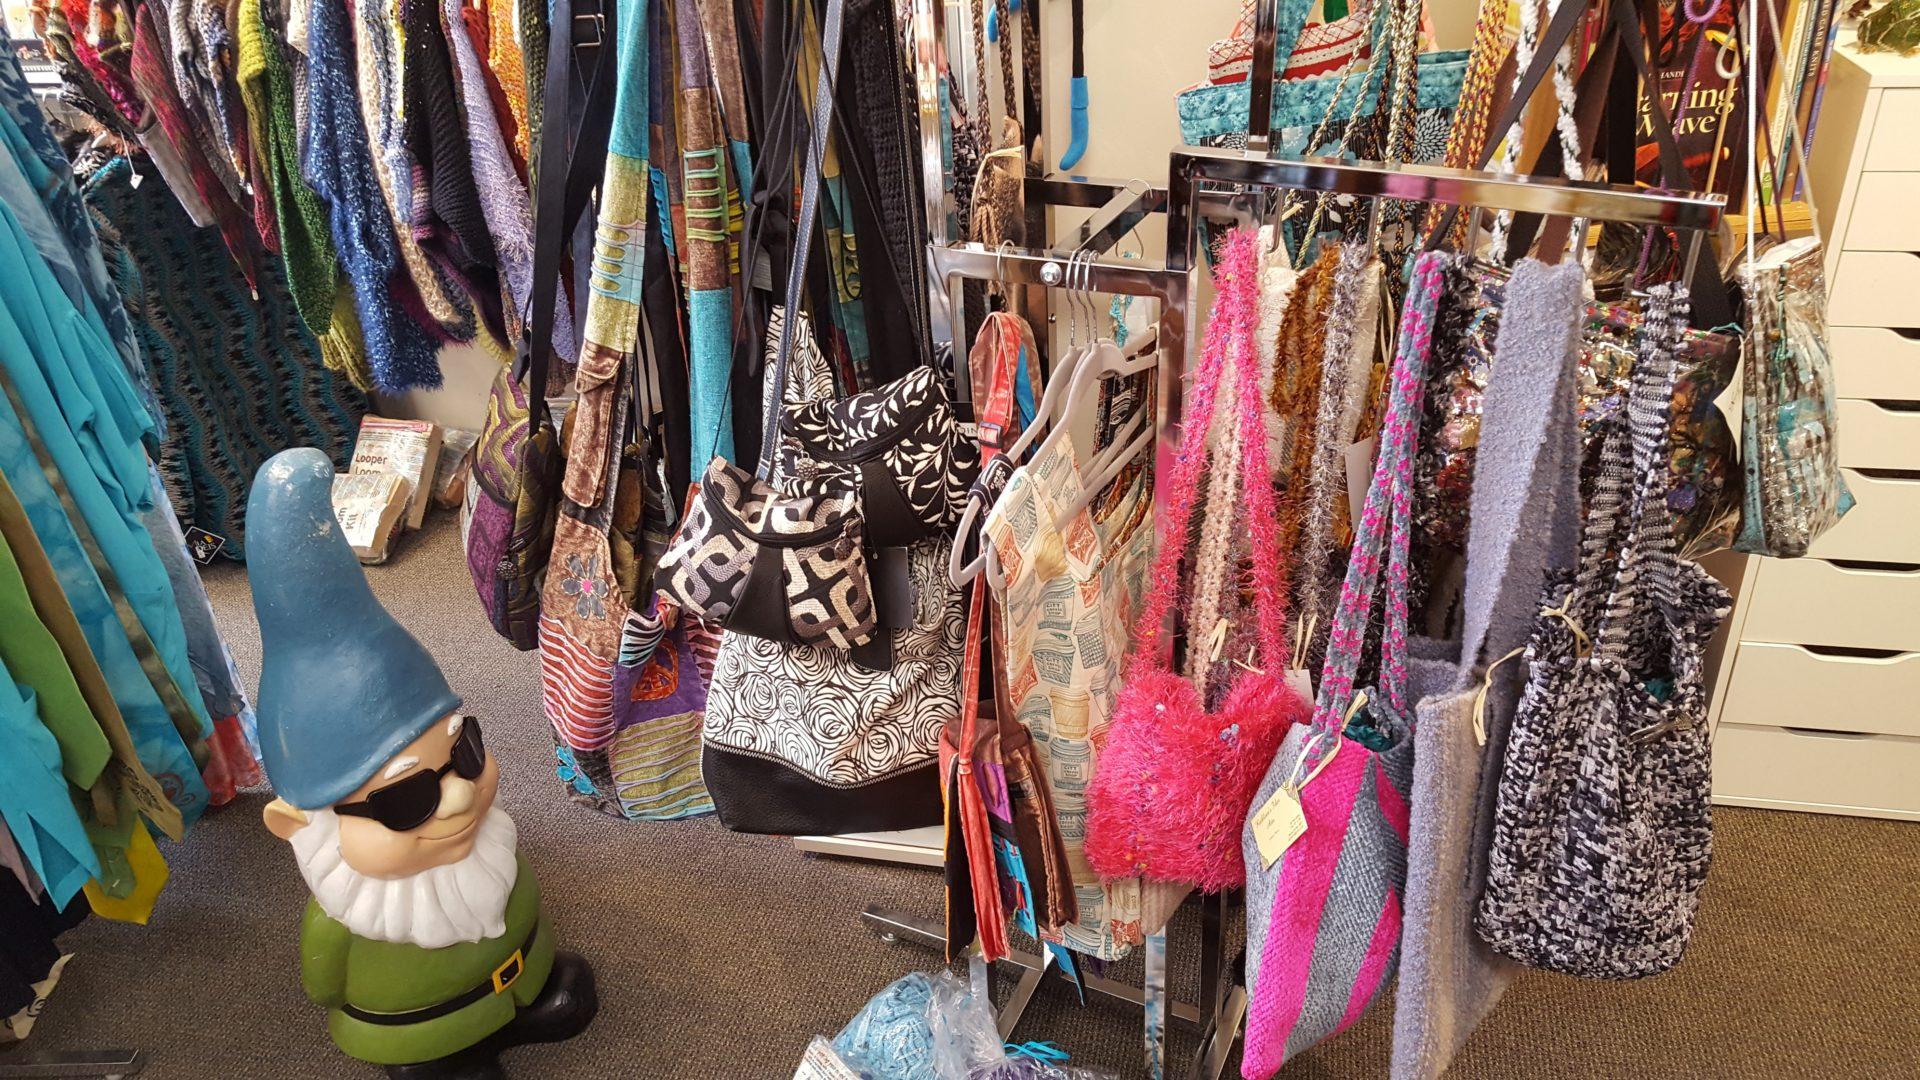 ニューヨークのフェアトレードショップで販売されている服飾品